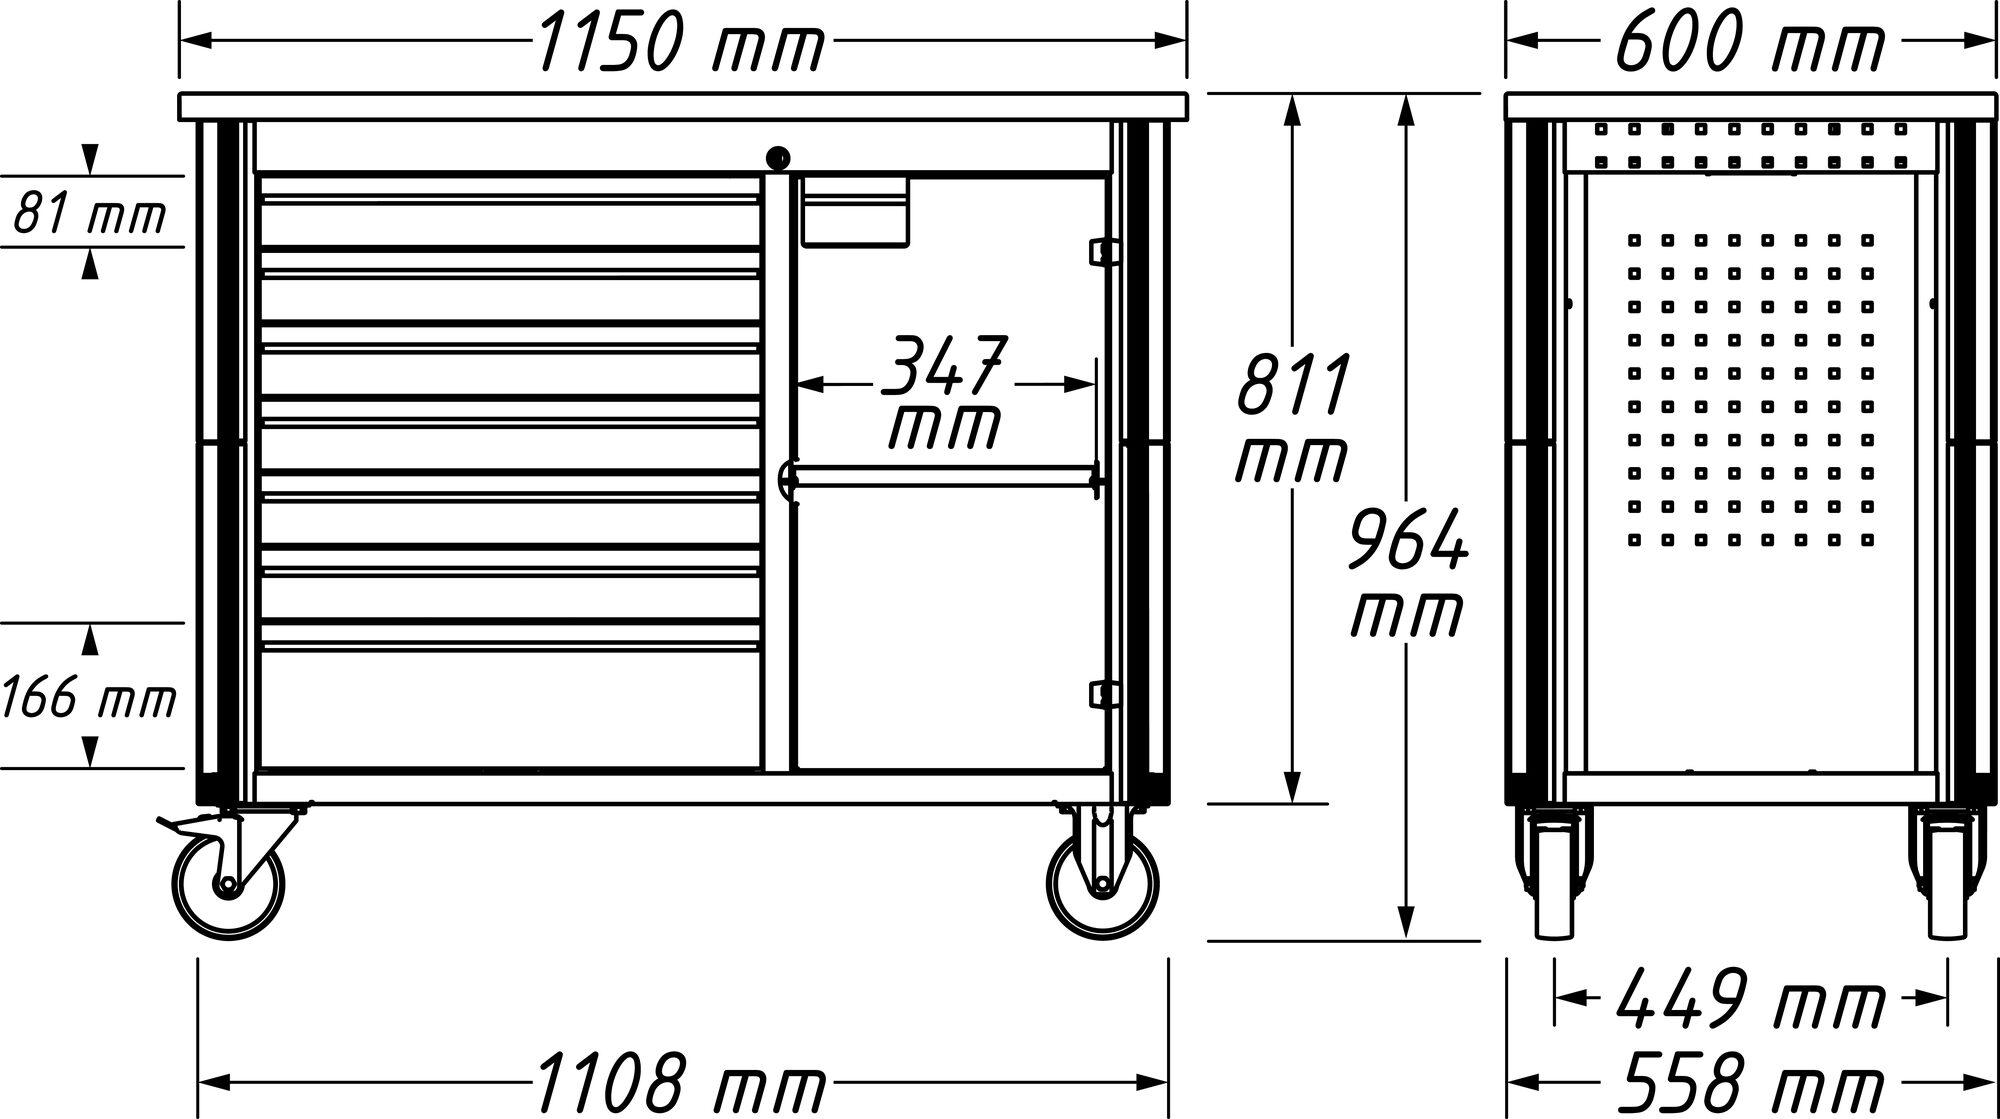 HAZET Fahrbare Werkbank 179NW-7/230 ∙ Schubladen, flach: 6x 81x522x398 mm ∙ Anzahl Werkzeuge: 230